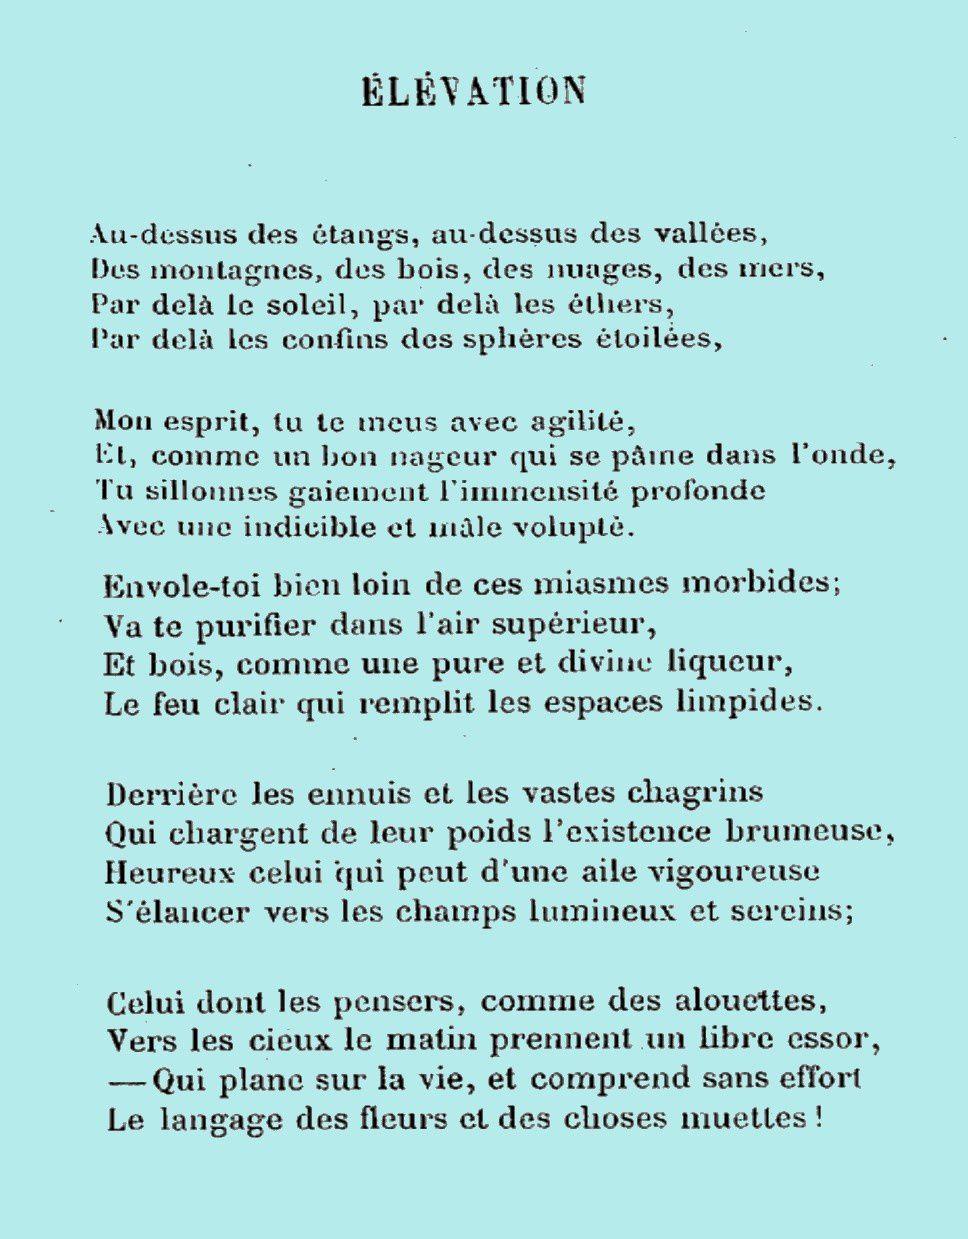 Élévation : elles sont tant d'actualité Les Fleurs du Mal (Las Flores del Mal) de C. Baudelaire par ces temps troublés...